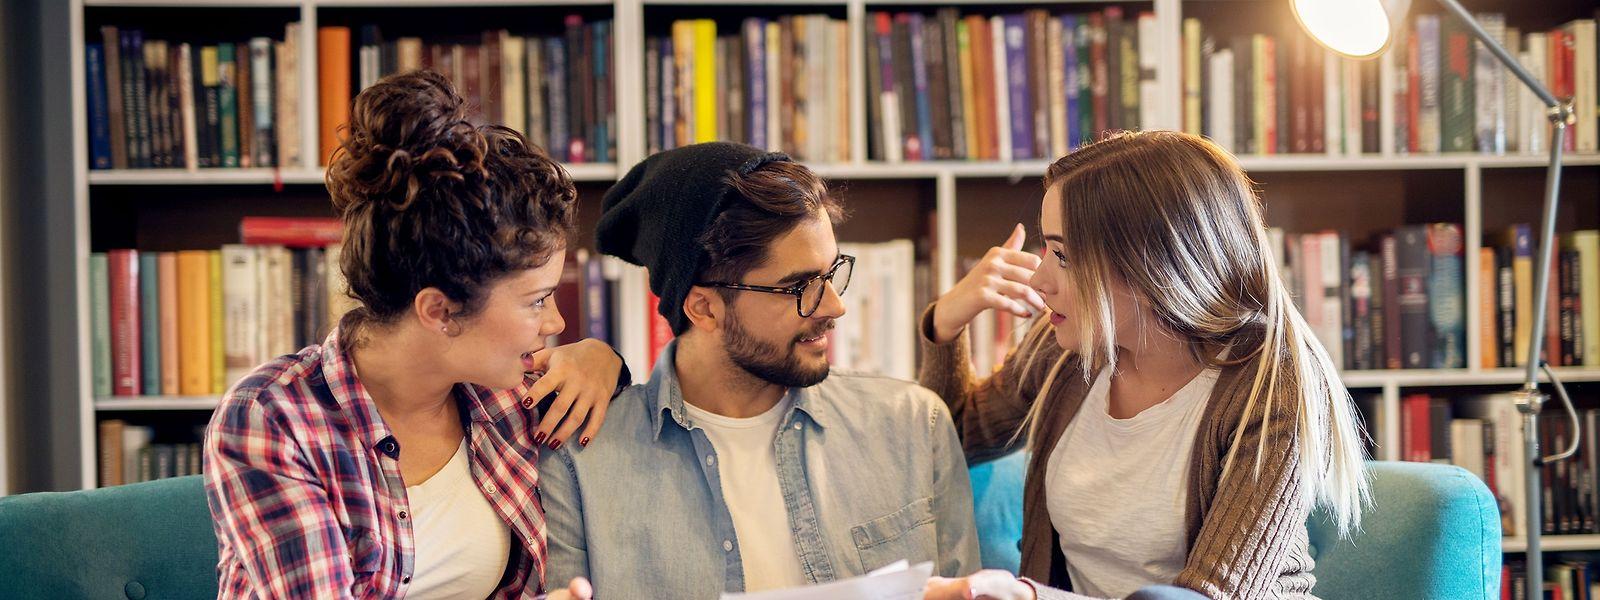 Die Sprachforscherinnen hoffen, mit ihrer Forschung Impulse geben und auf die politischen Entscheider einwirken zu können.